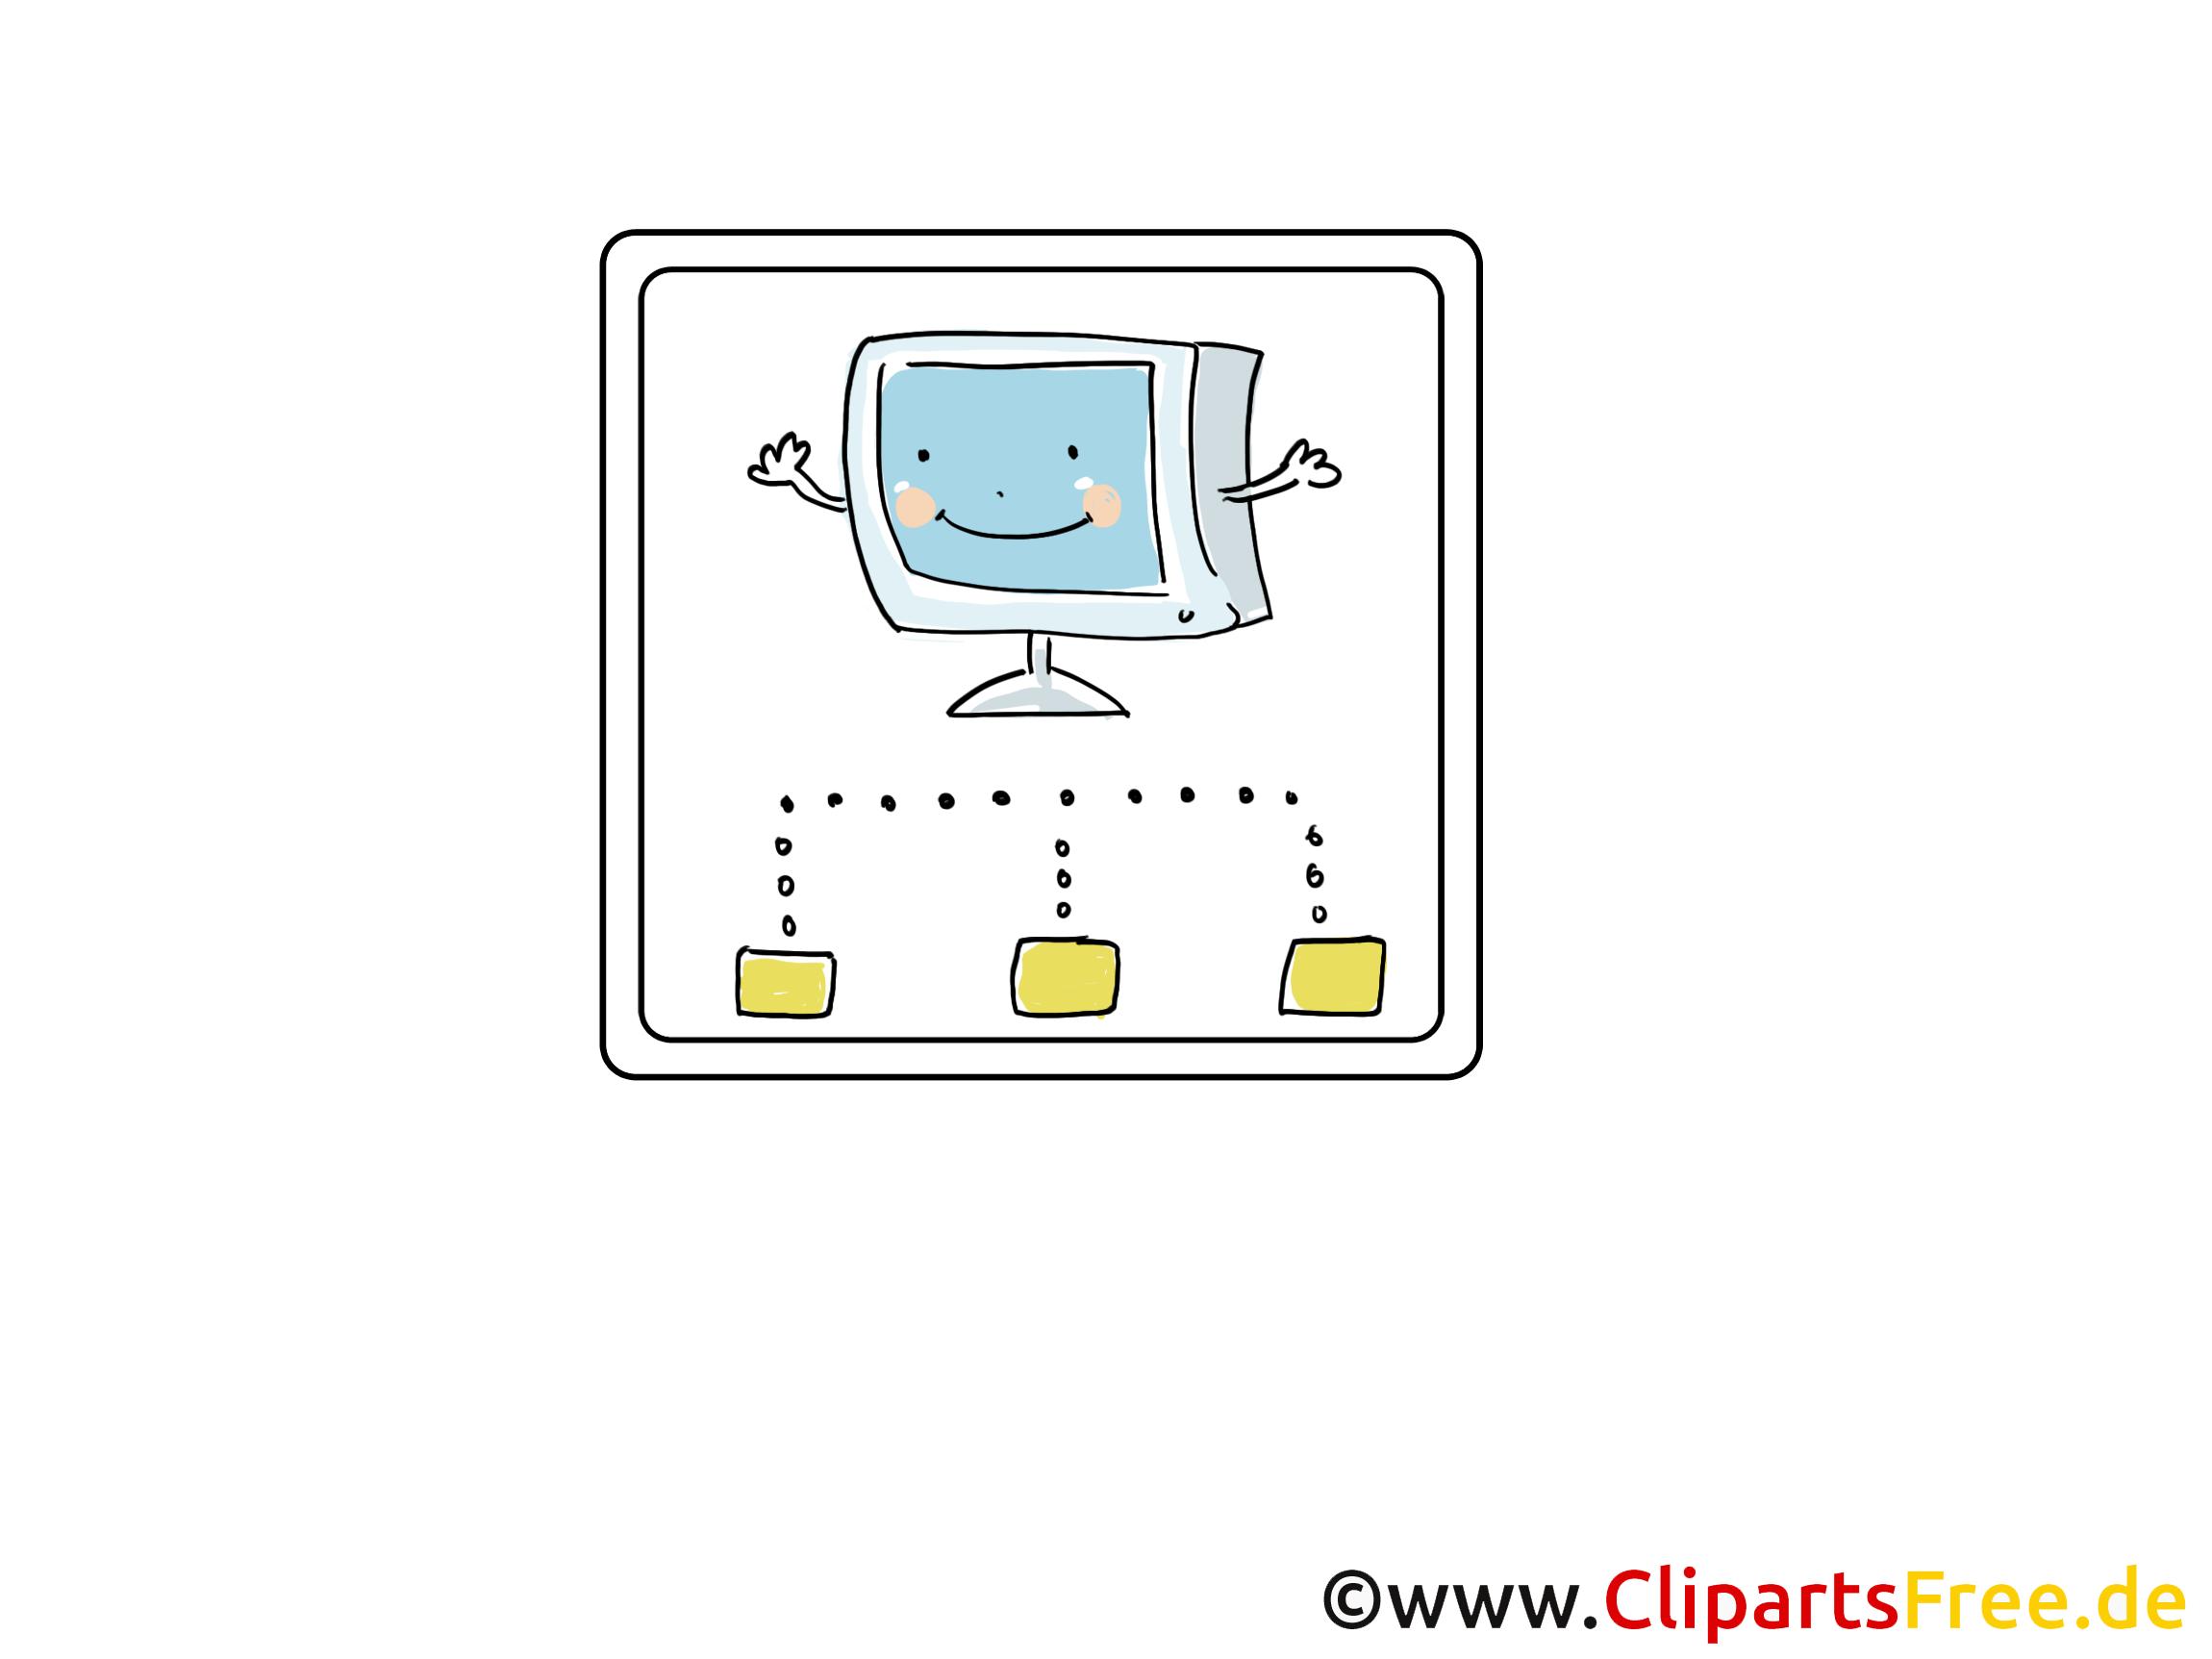 Ordinateur dessin - Icône cliparts à télécharger